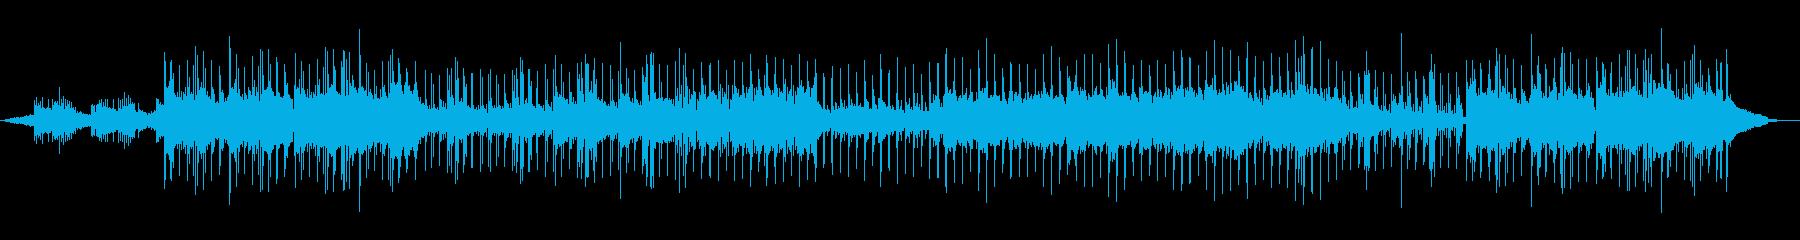 オシャレな雰囲気のテクノポップの再生済みの波形